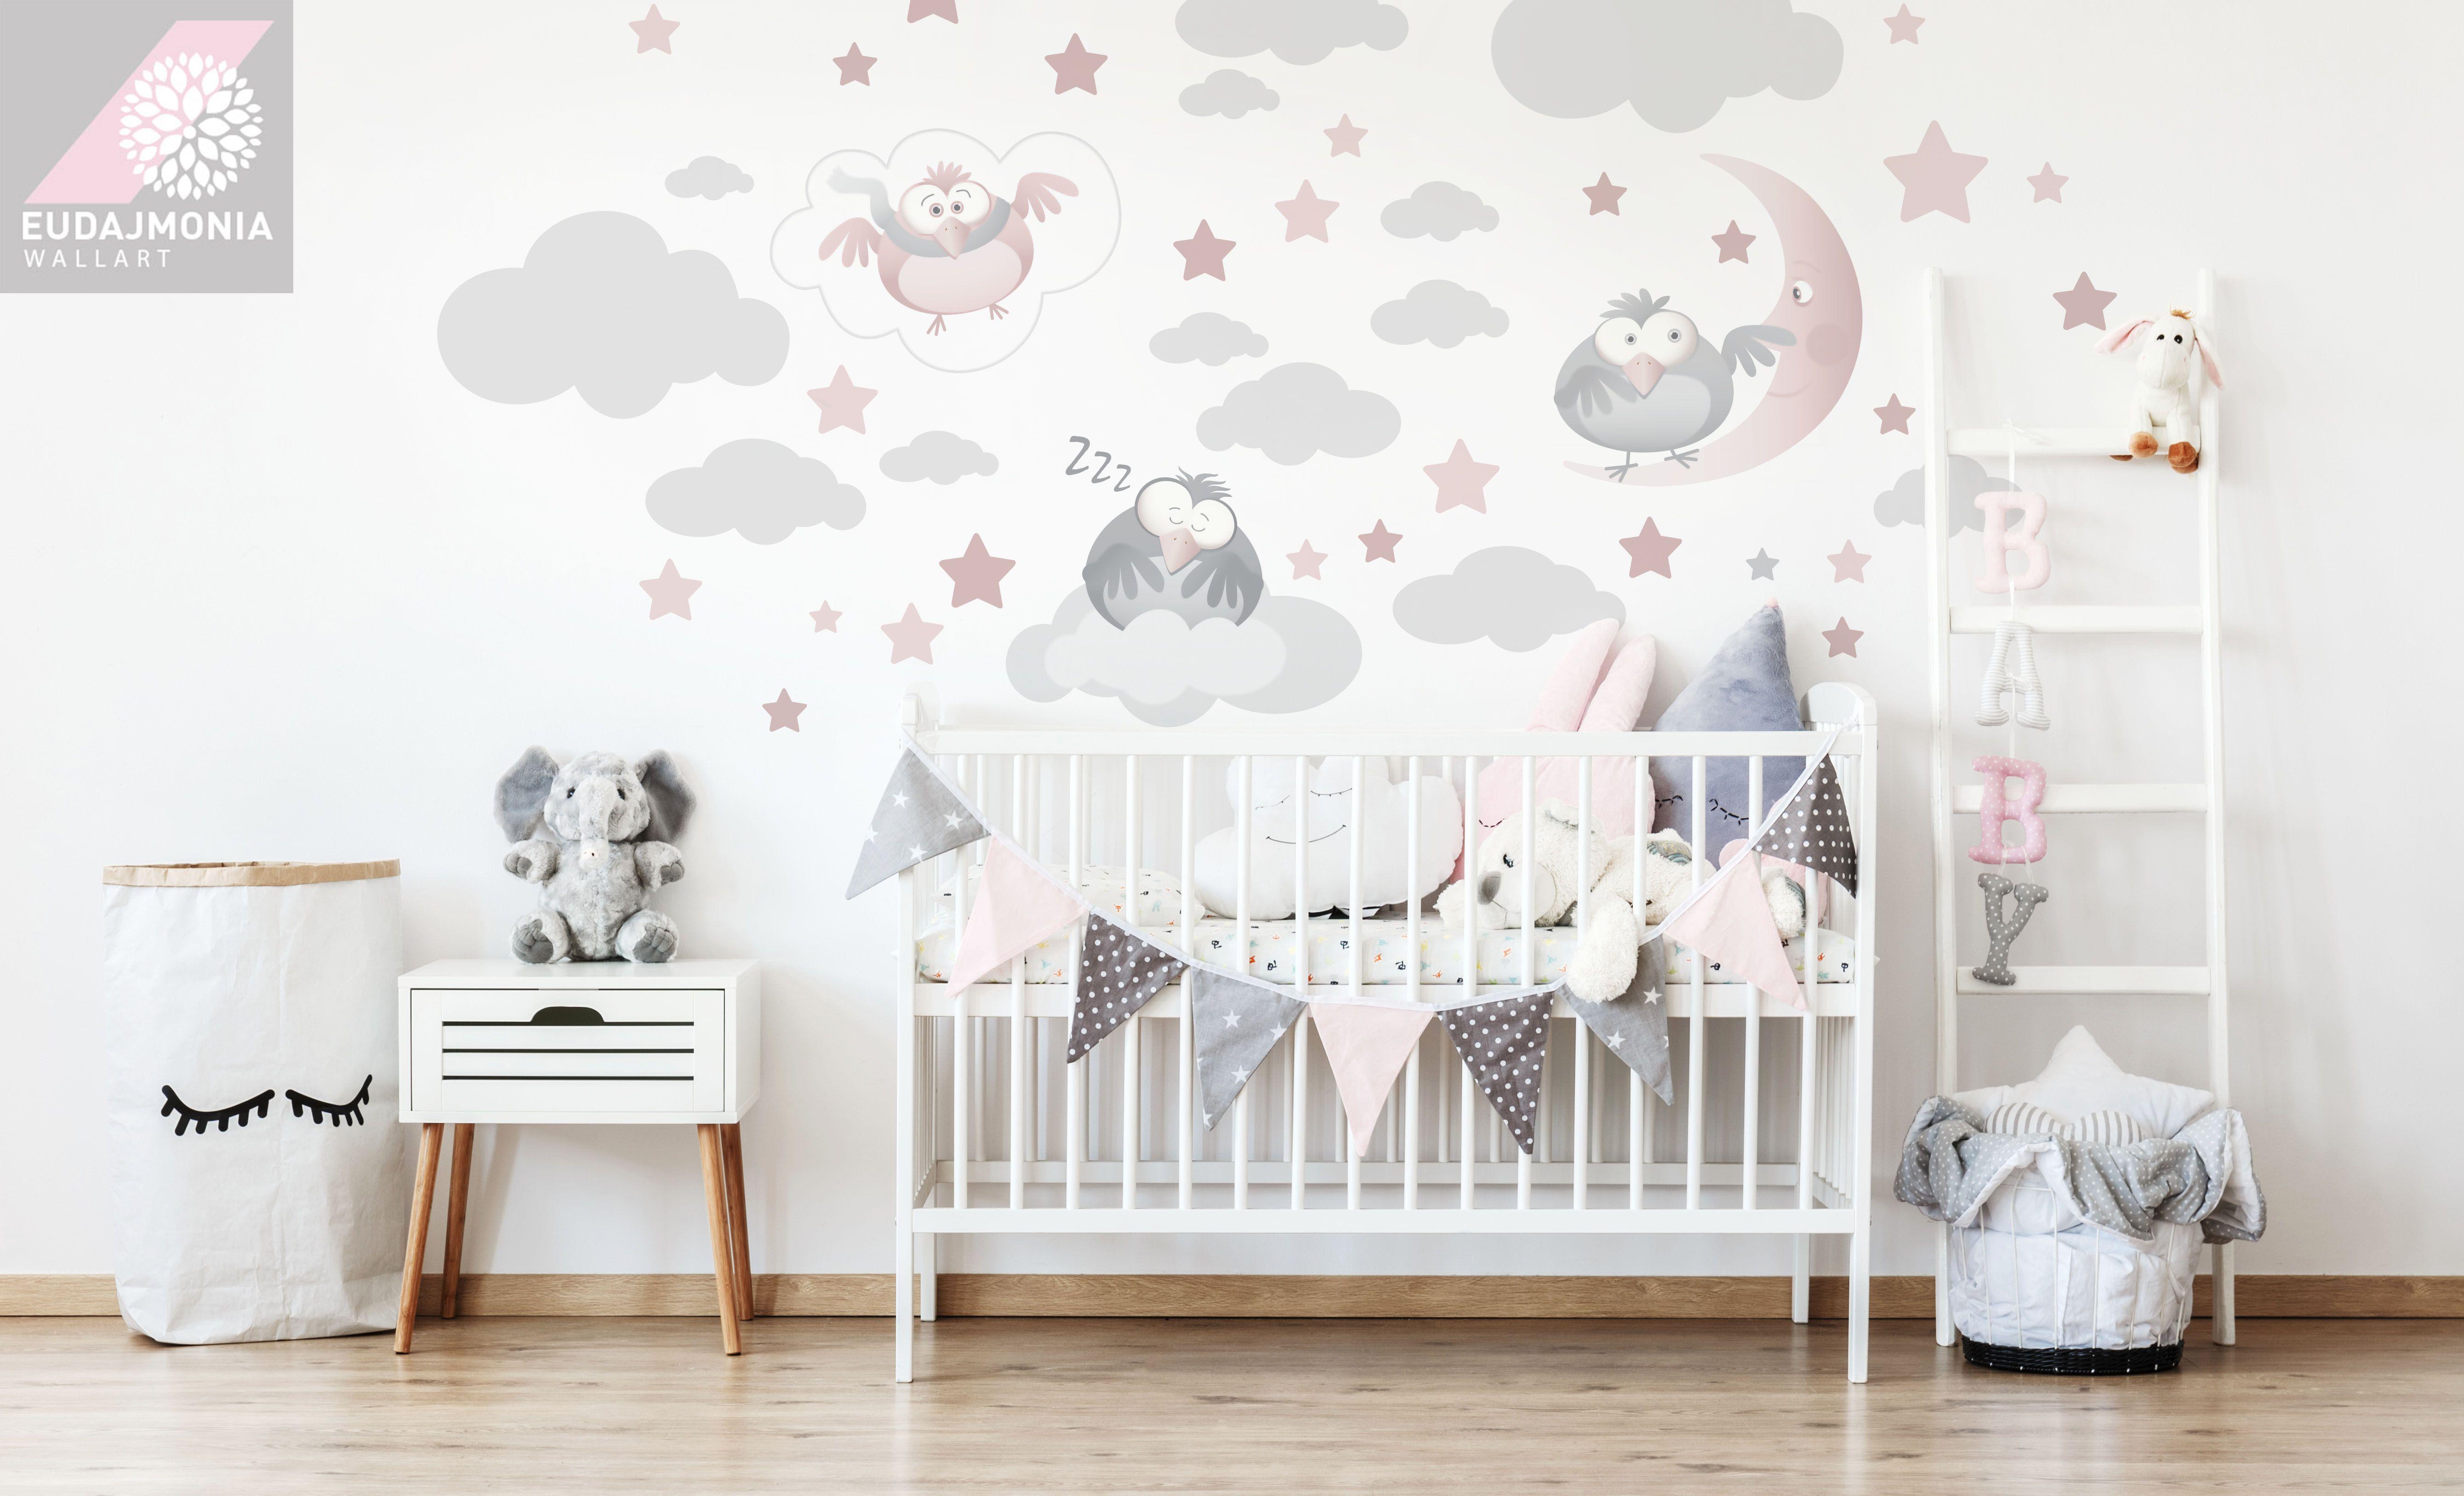 Naklejki Na Sciane Chmurk Gwiazdki Sowy Sen Dzieci 7120242152 Oficjalne Archiwum Allegro Kids Wall Murals Kids Room Wallpaper Room Wall Painting